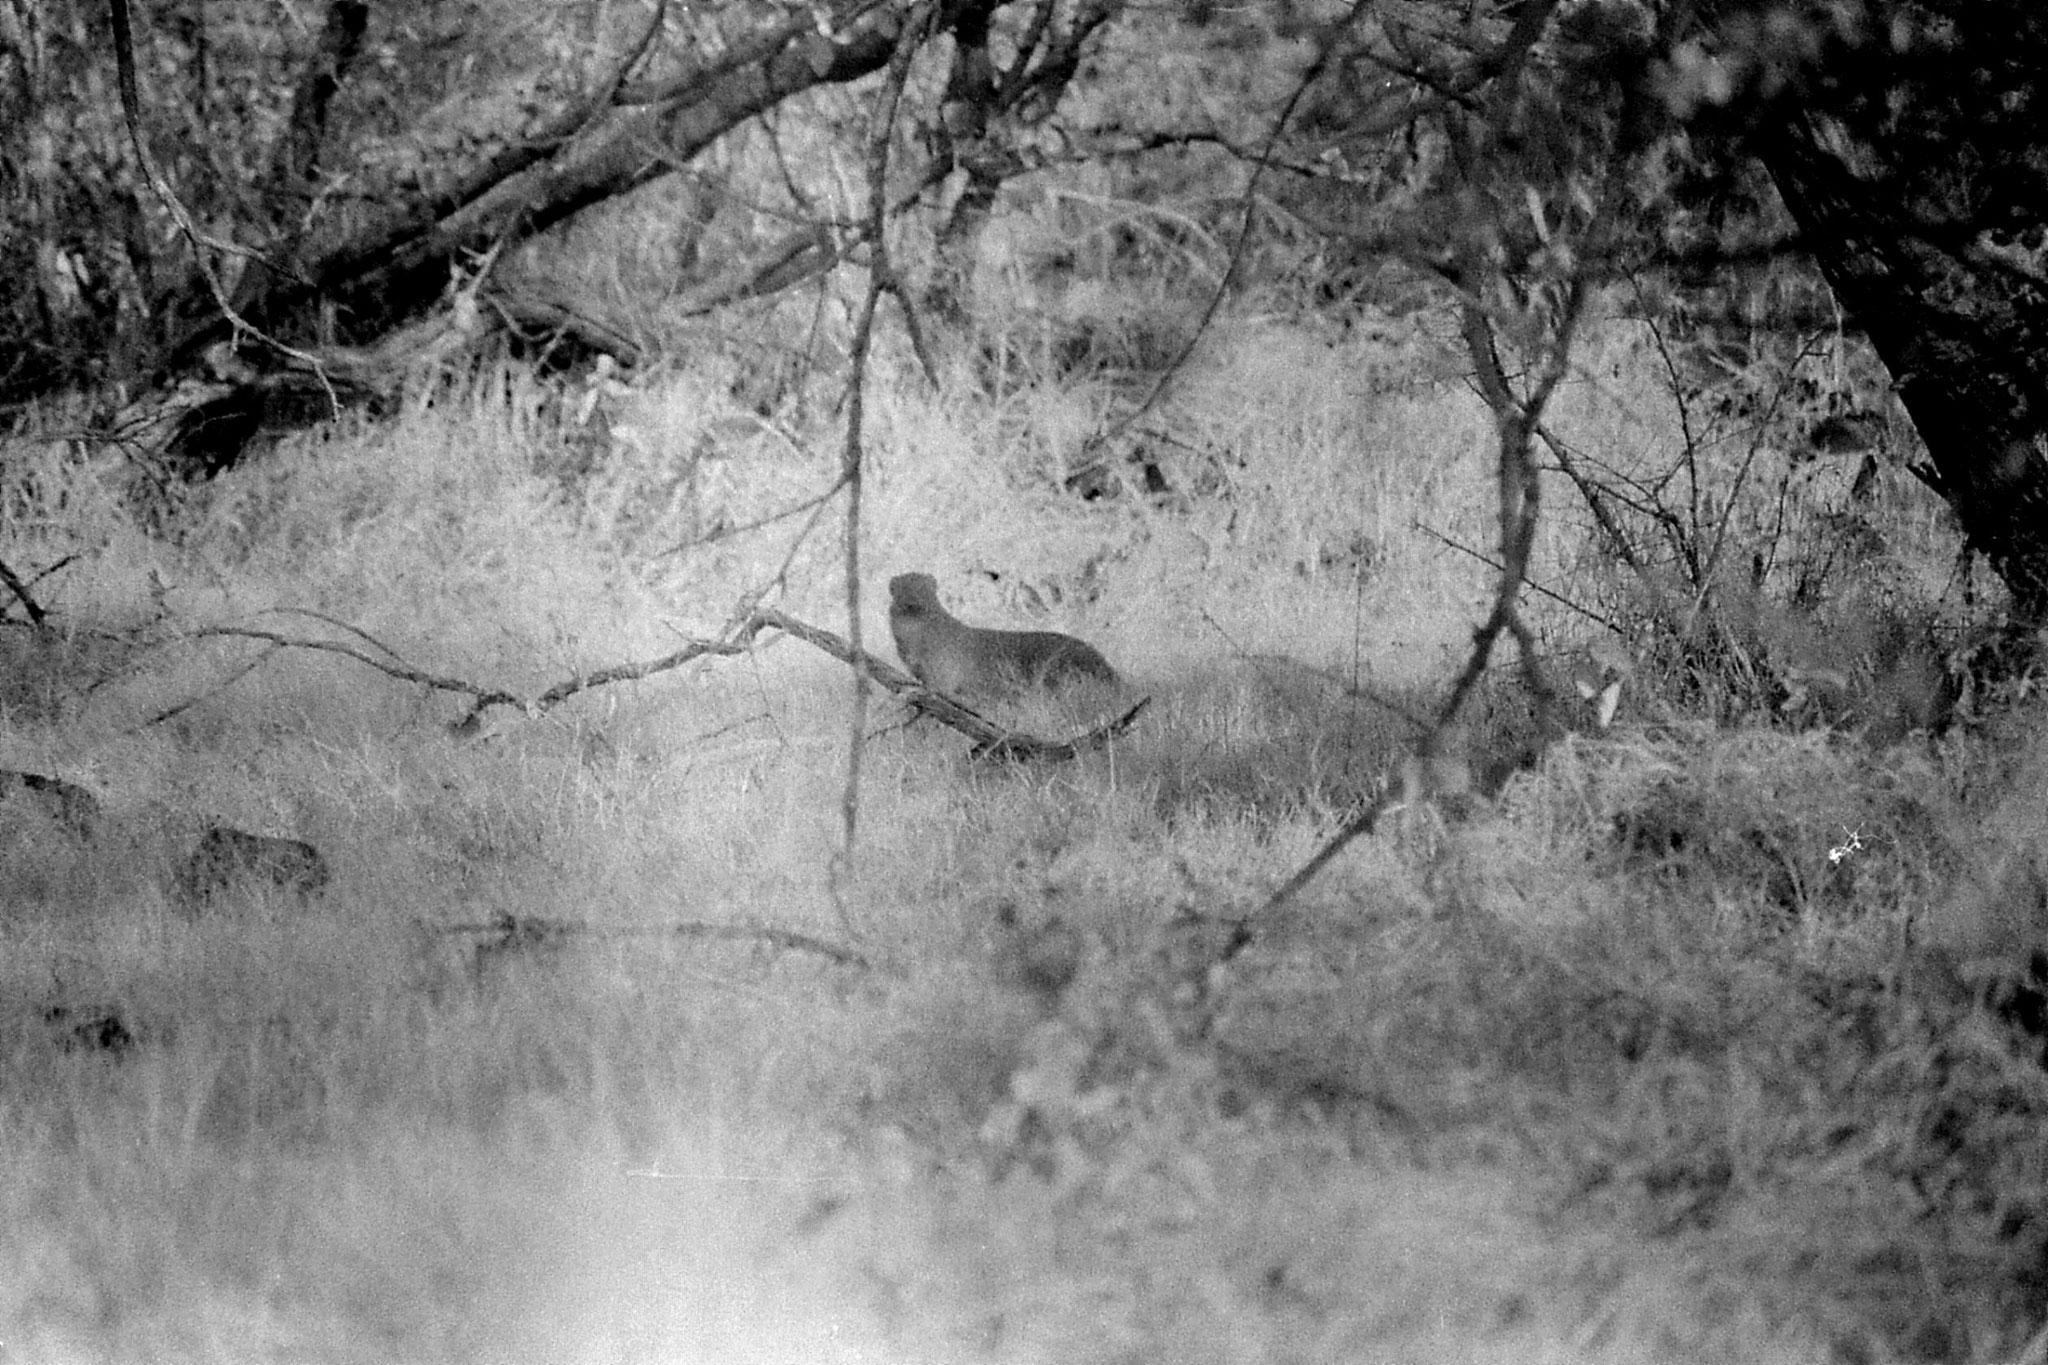 12/12/89 : 0: Sasan Gir: Mongoose